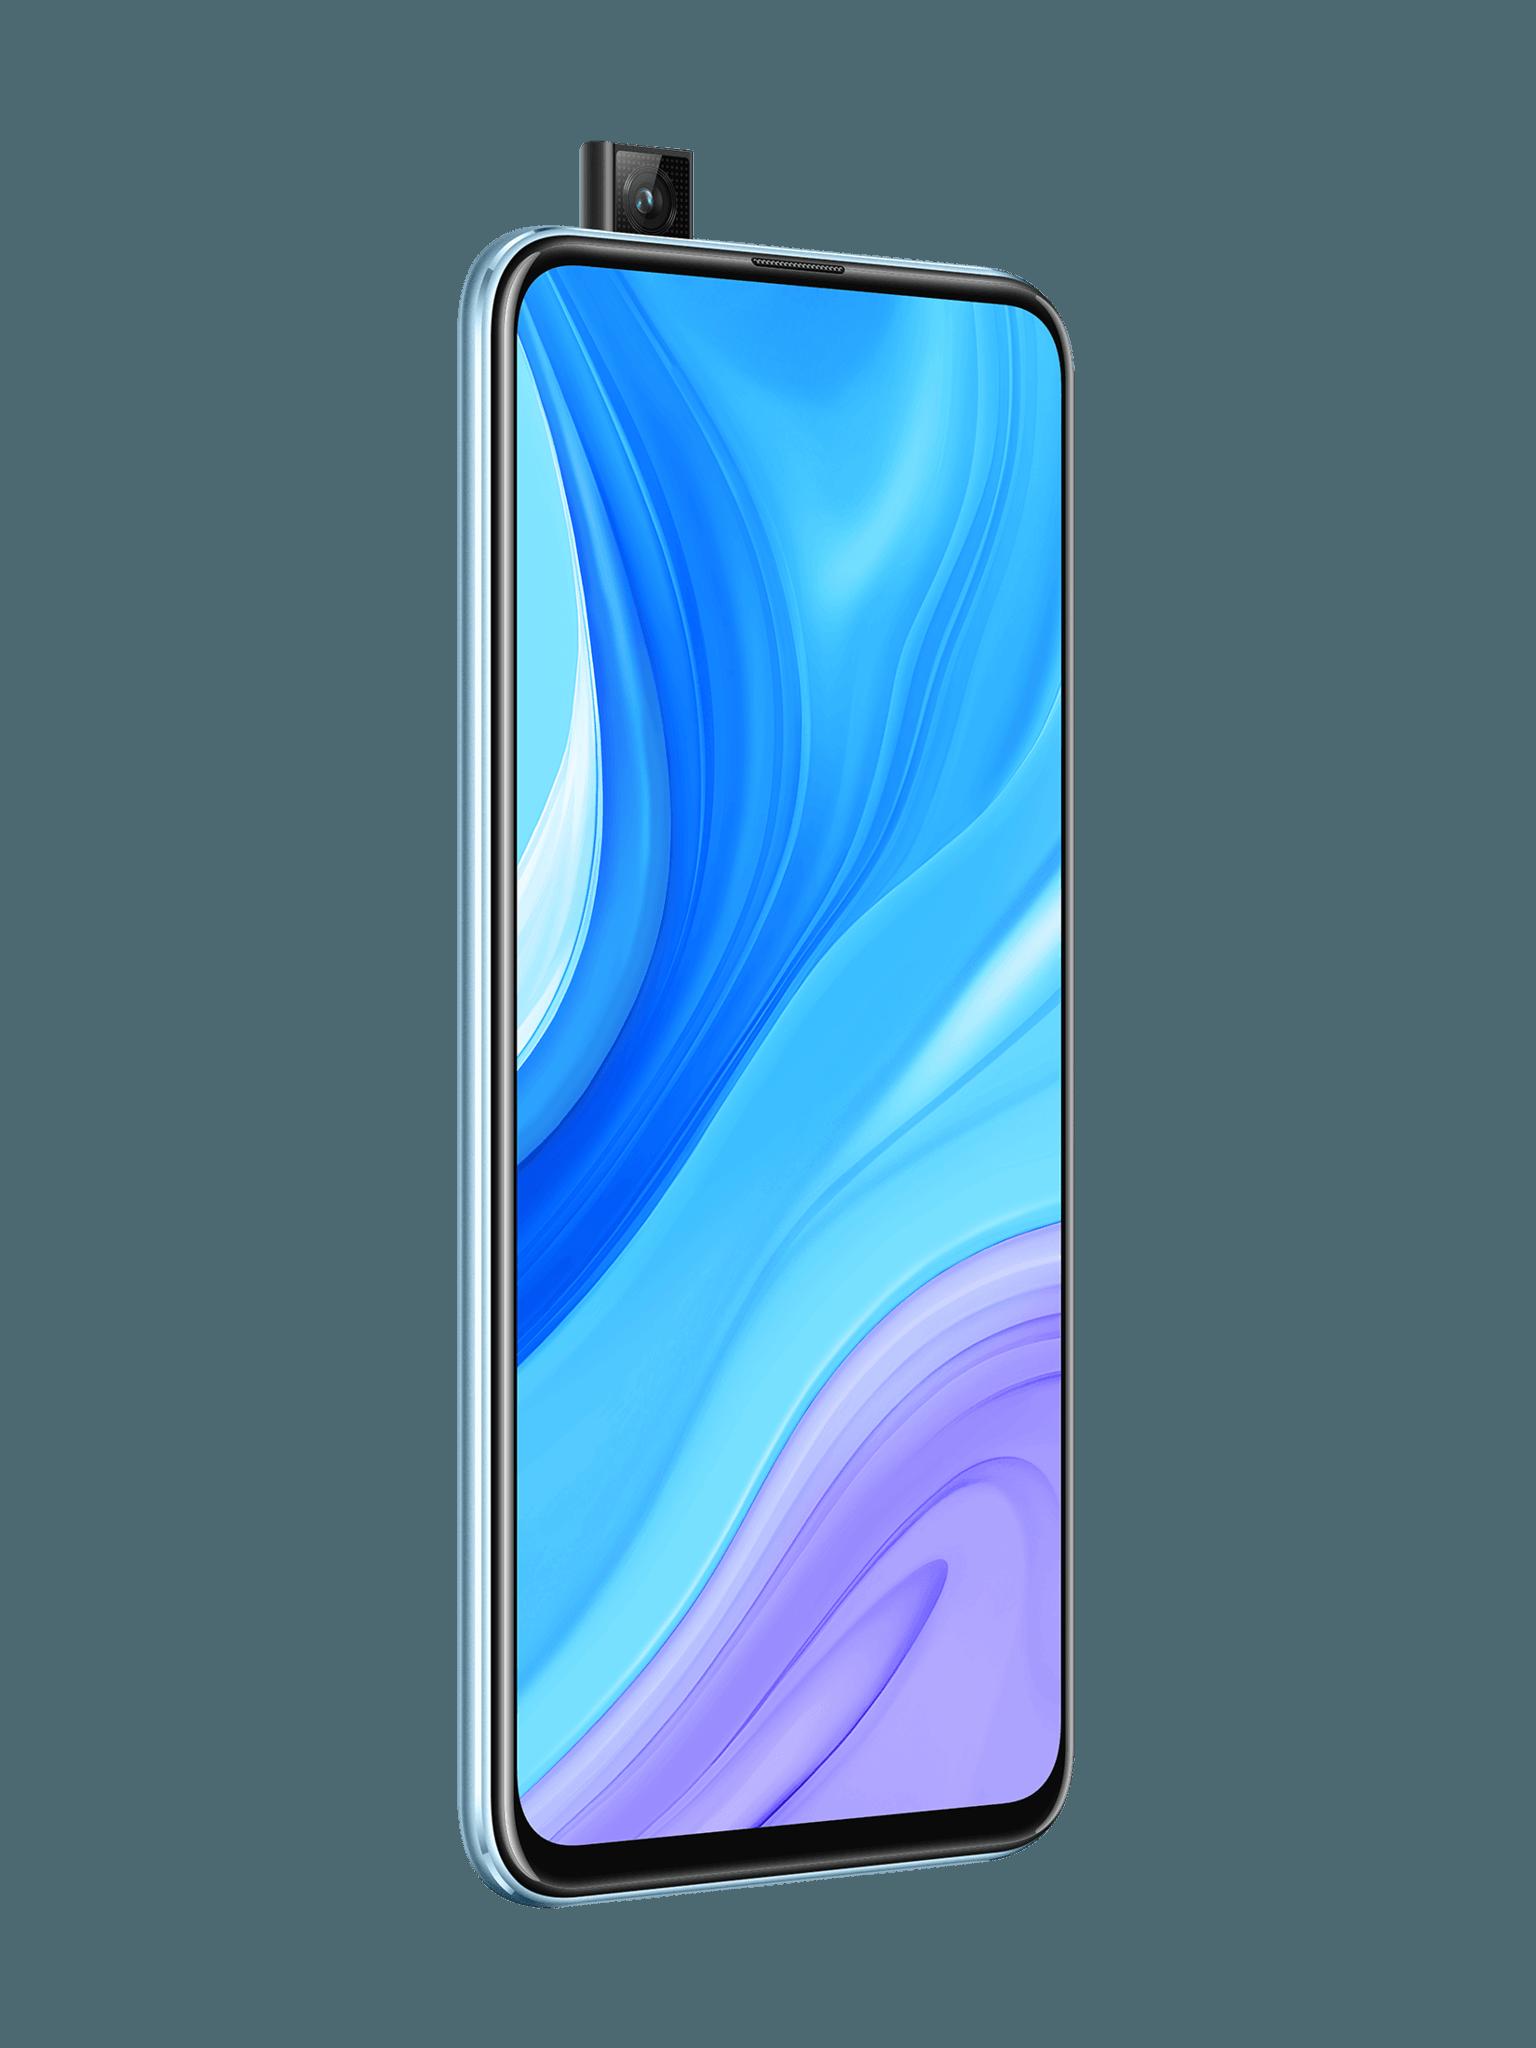 Huawei P Smart 2020 E P Smart Pro: Fotocamera E Performance Da Top Di Gamma Ad Un Prezzo Accessibile 7 - Hynerd.it